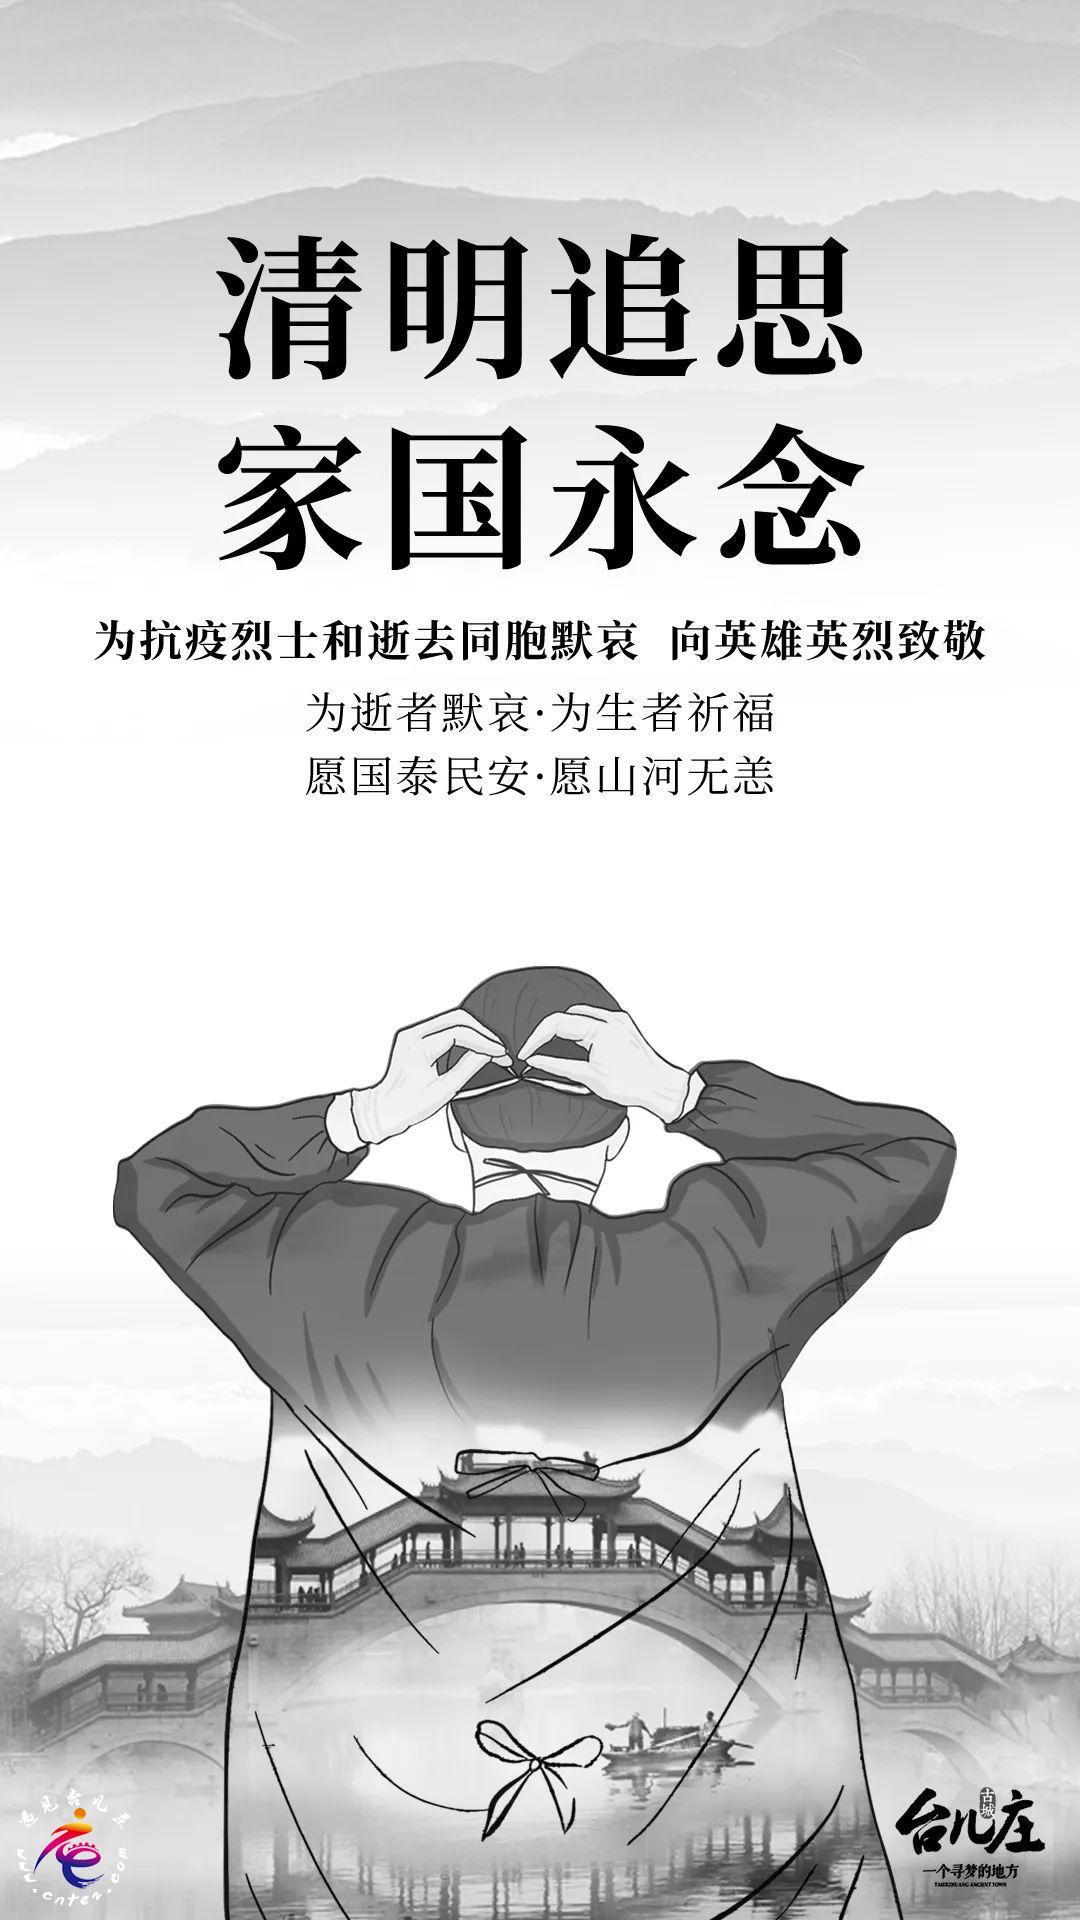 """""""缅怀逝者,致敬英雄""""台儿庄古城举办系列图片展"""